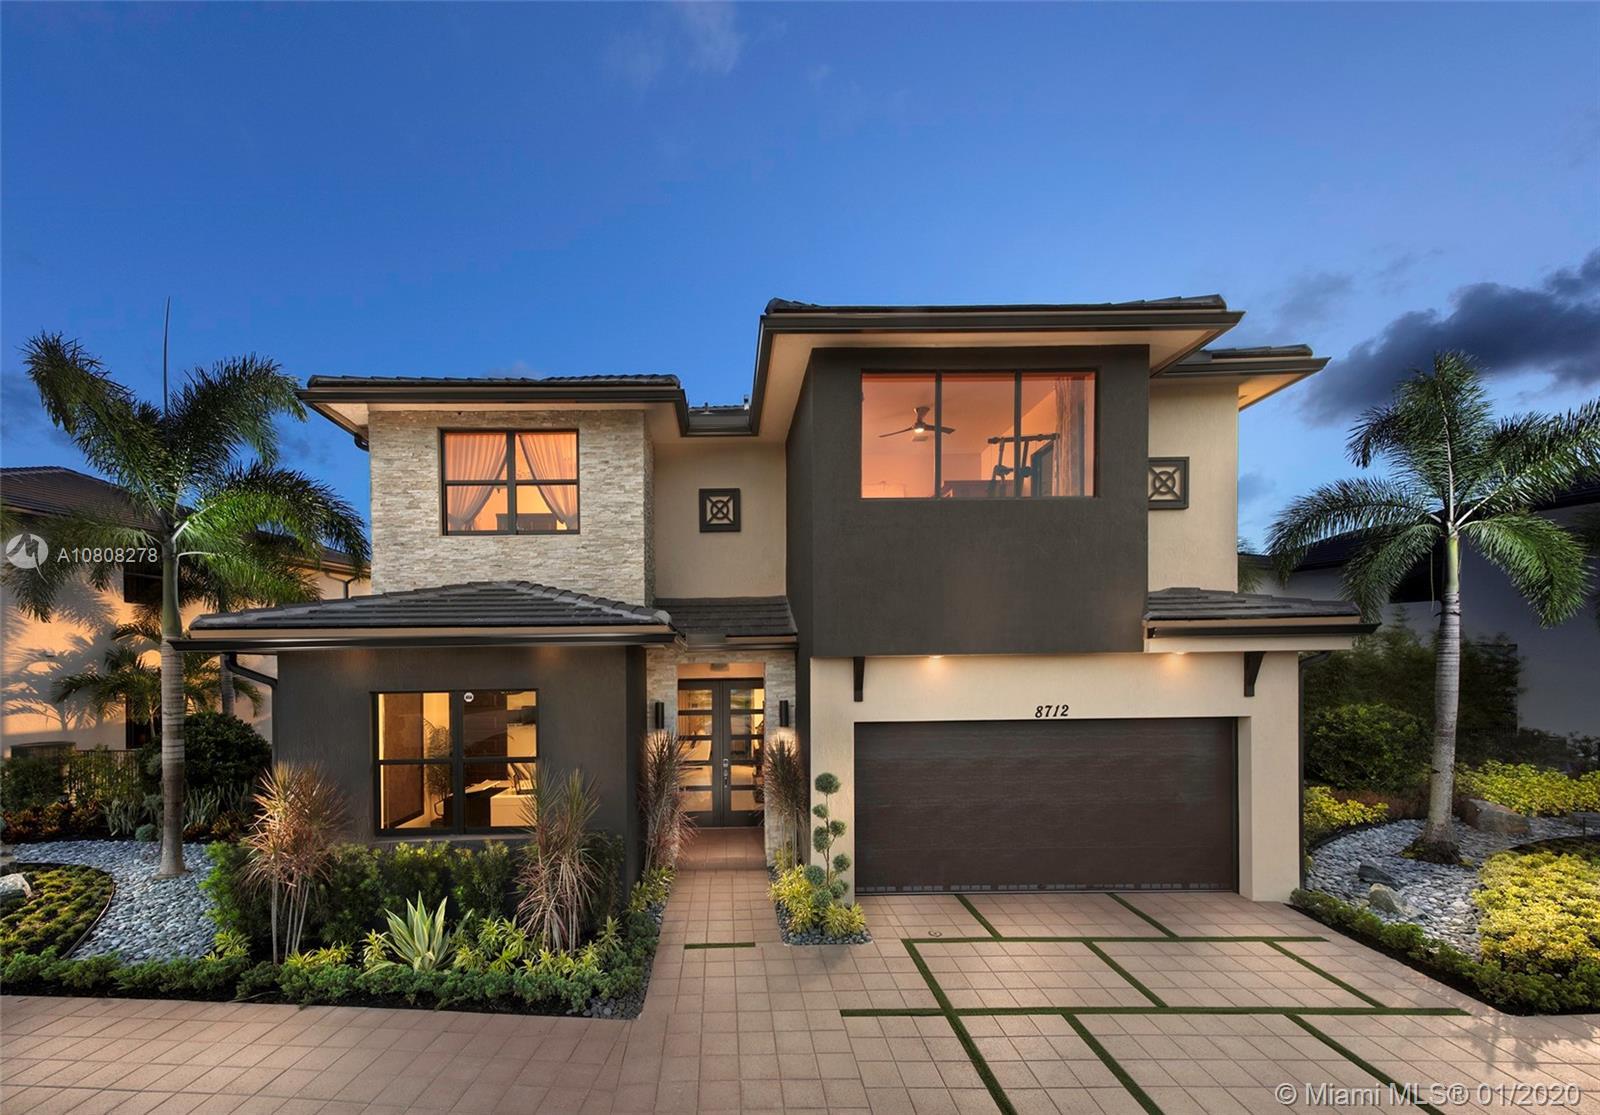 8854 NW 161 TERR, Miami Lakes, FL 33018